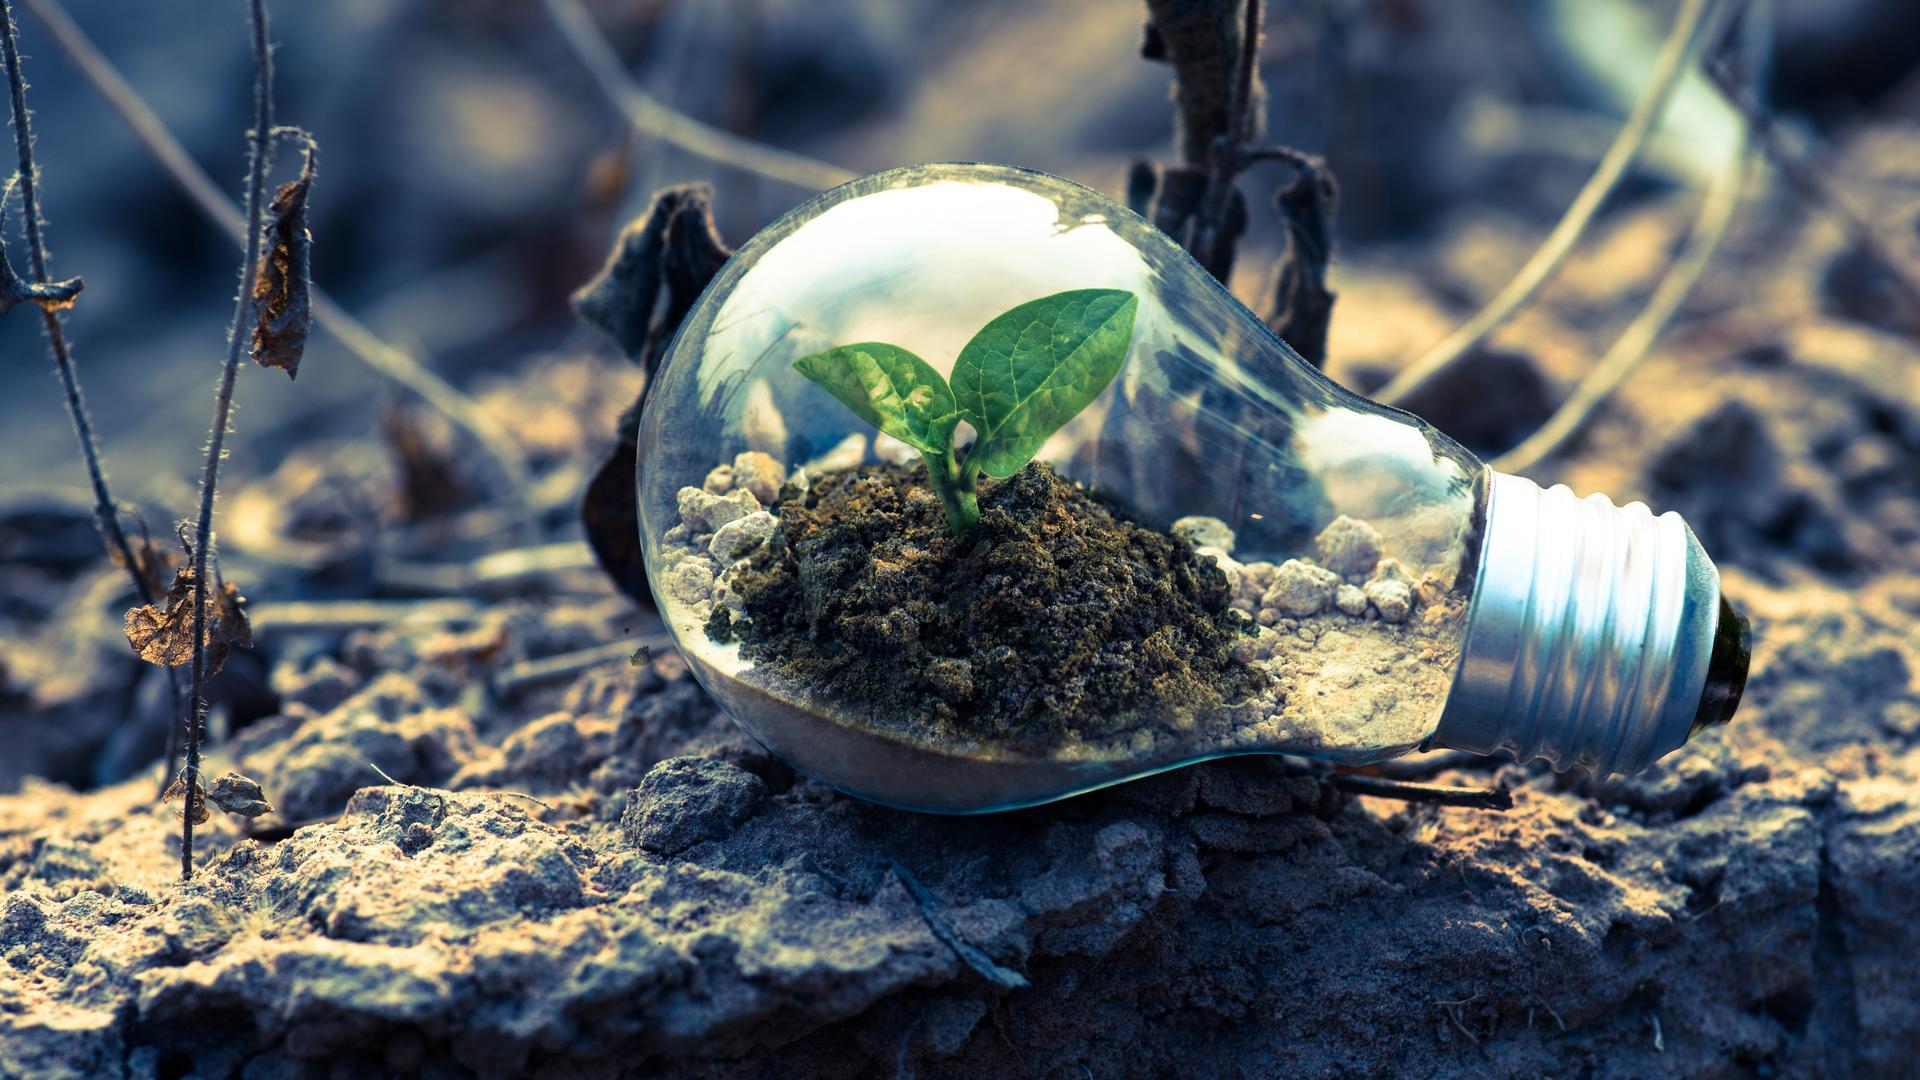 Bulb sustainability